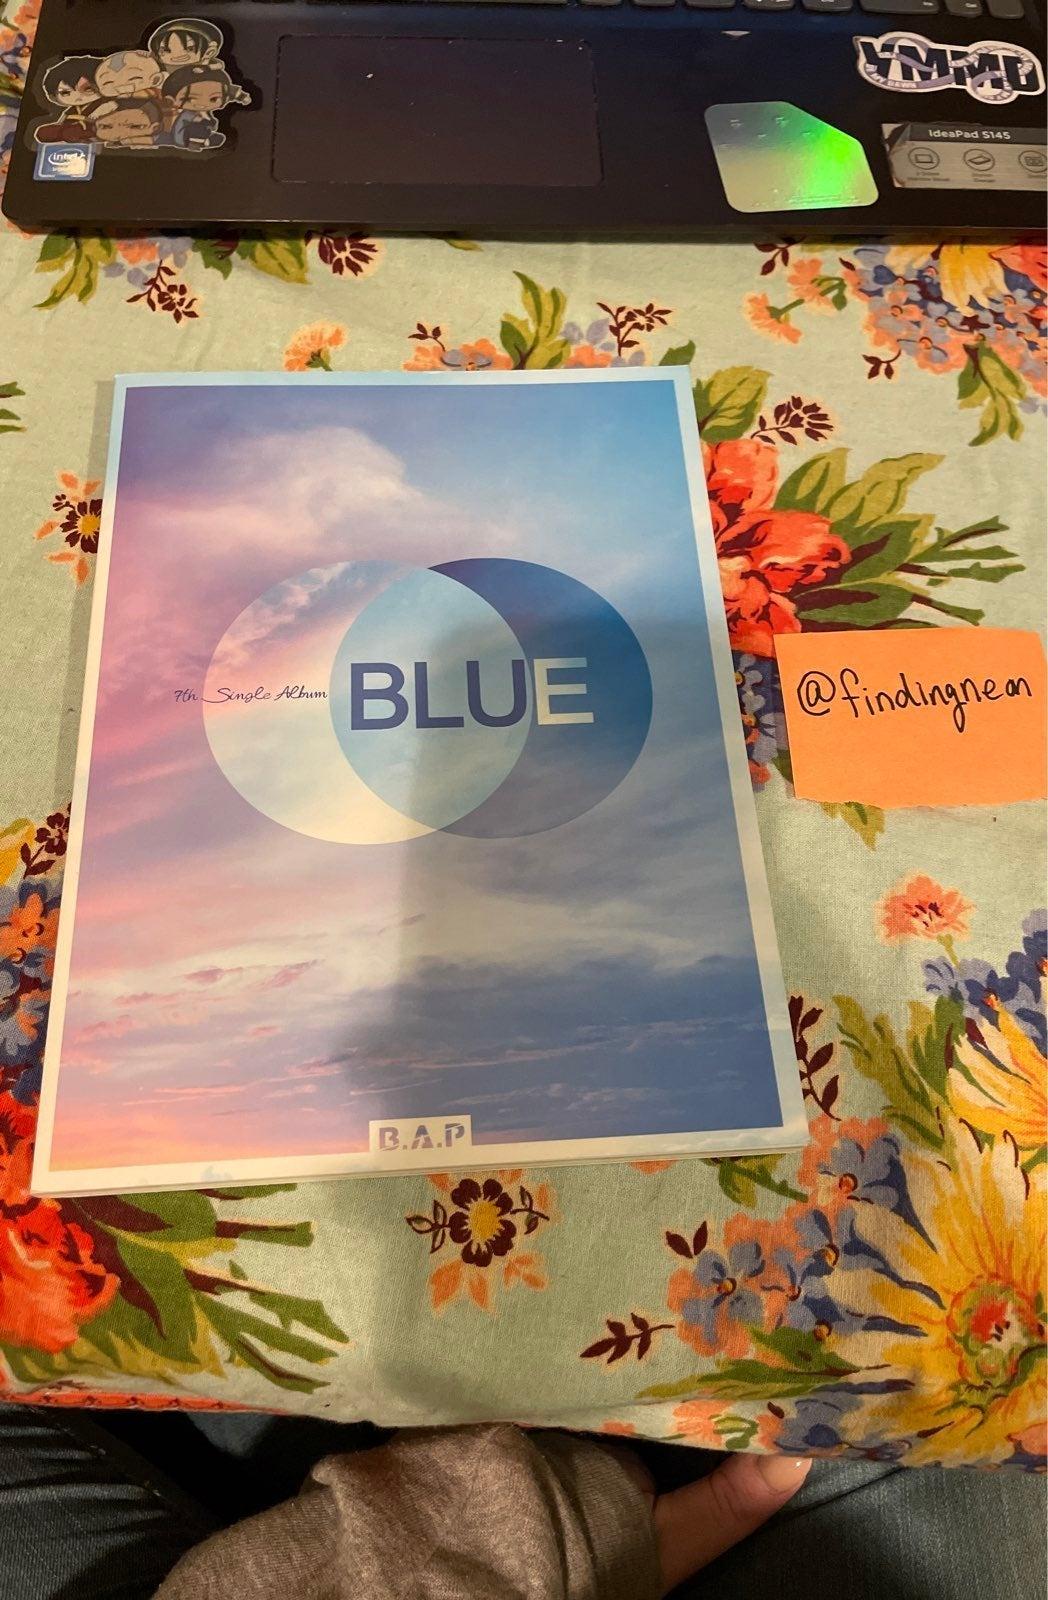 B.A.P Blue album